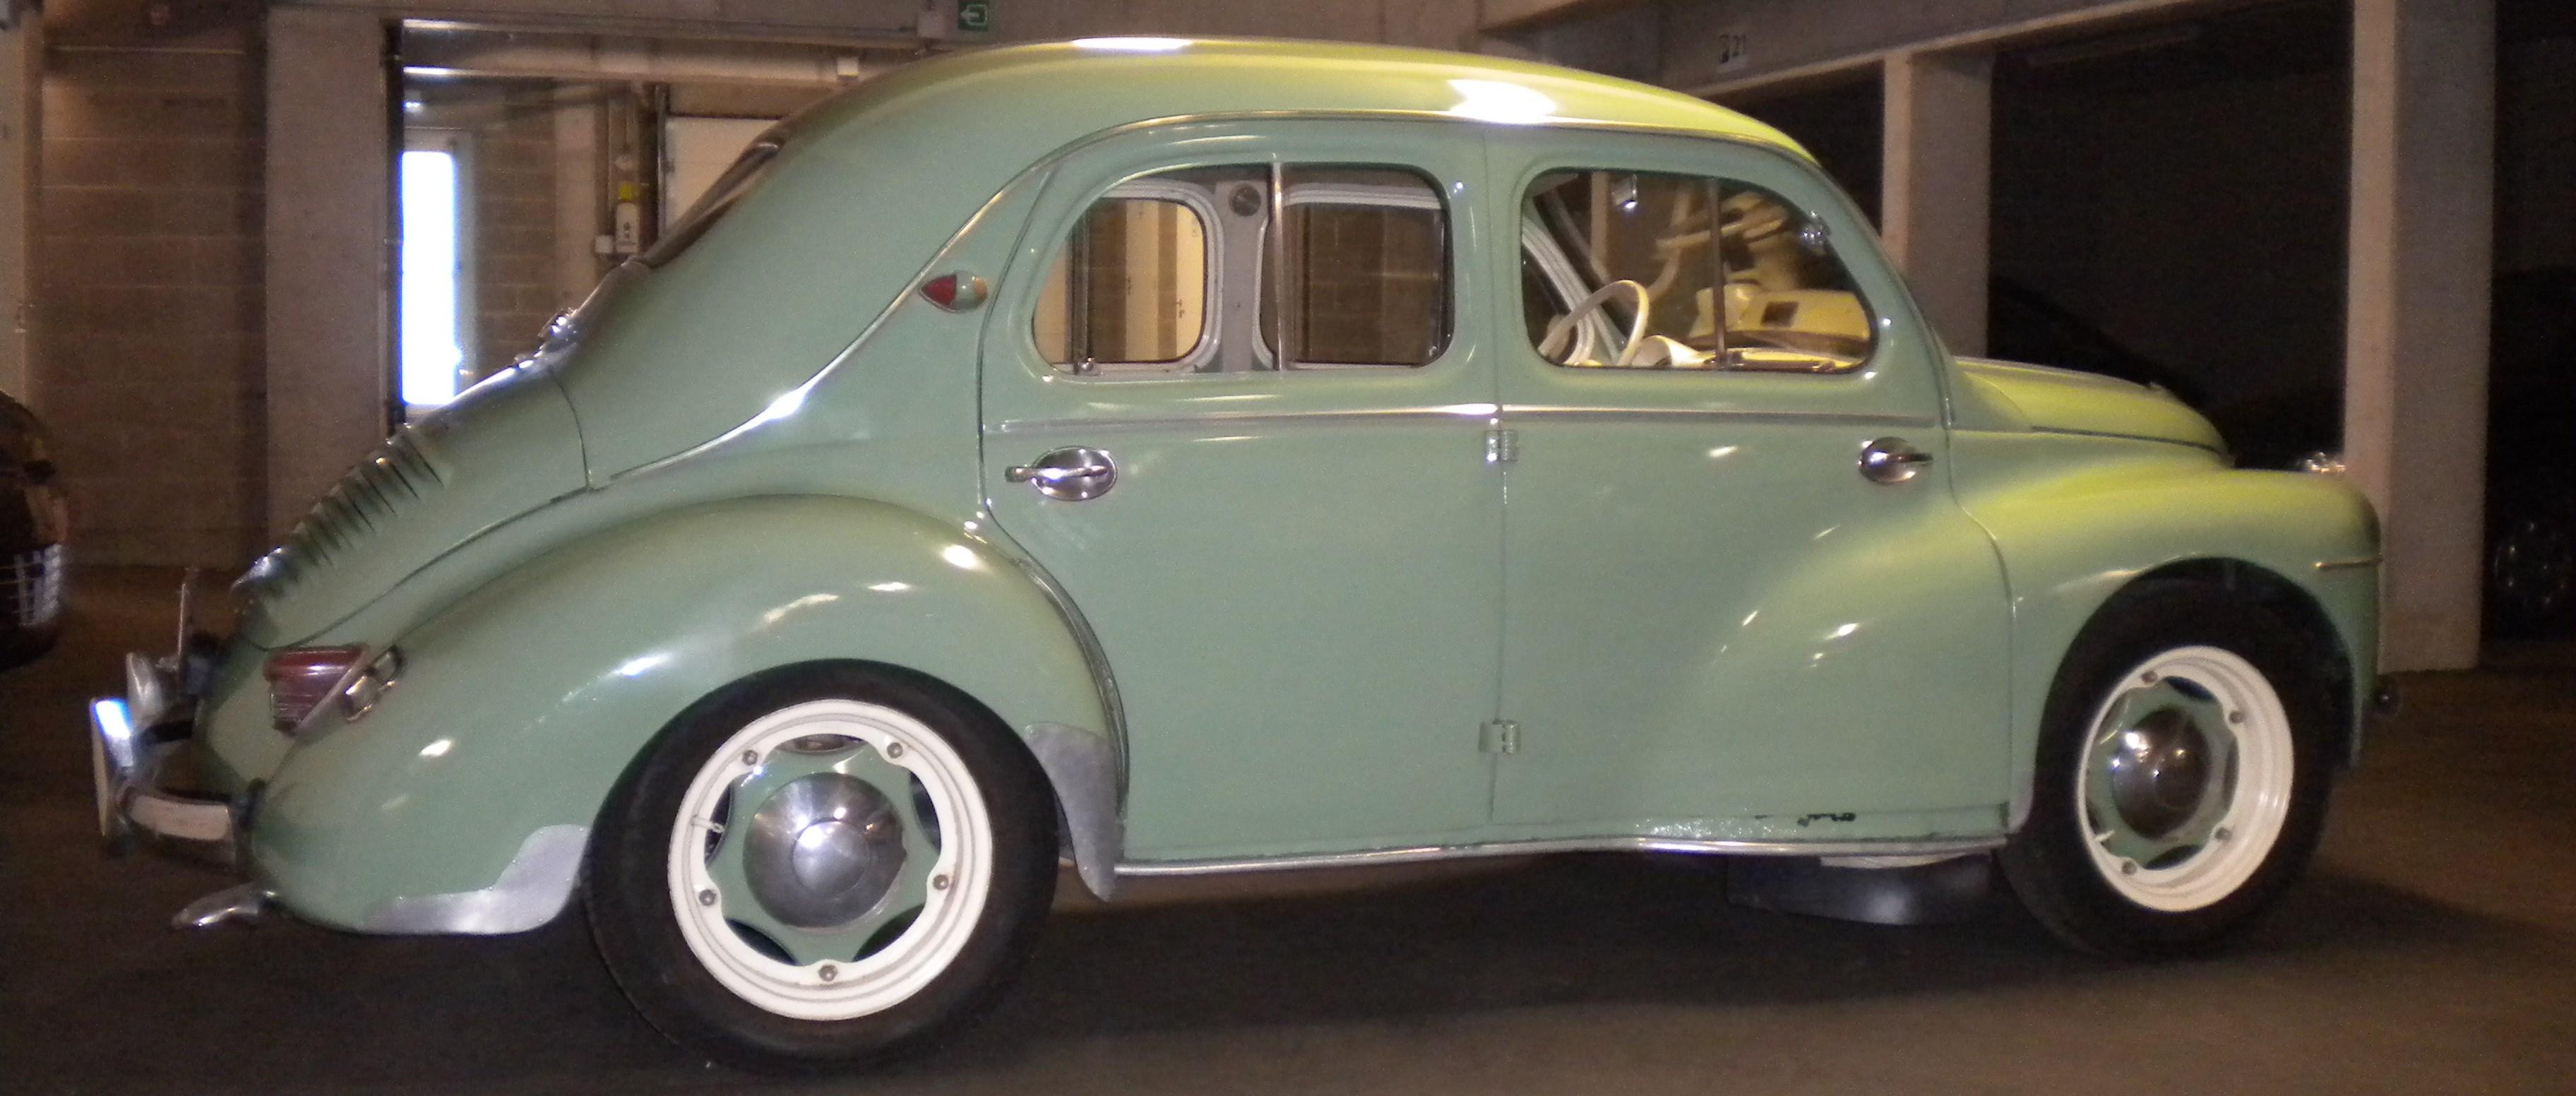 renault 4 cv 1959 renault